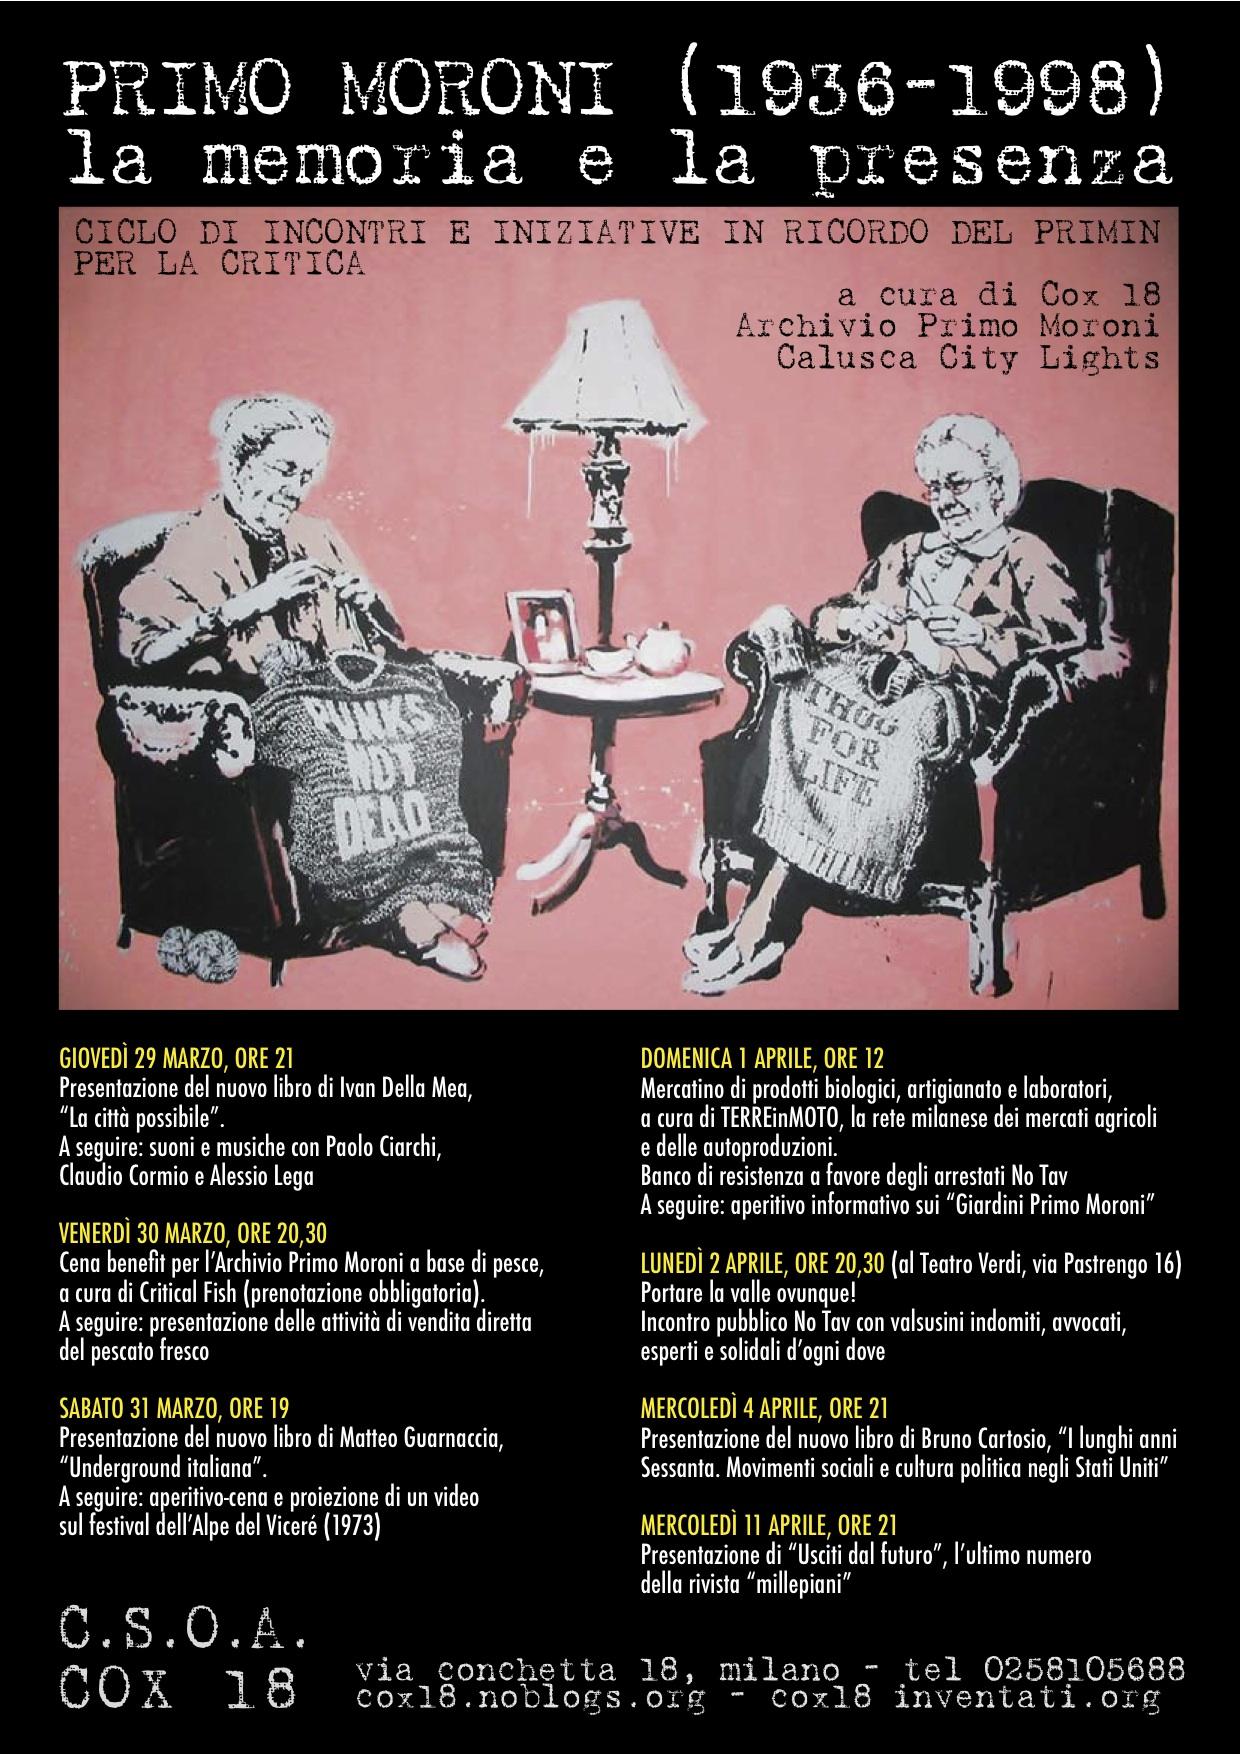 Ultimo sito di incontri 2012